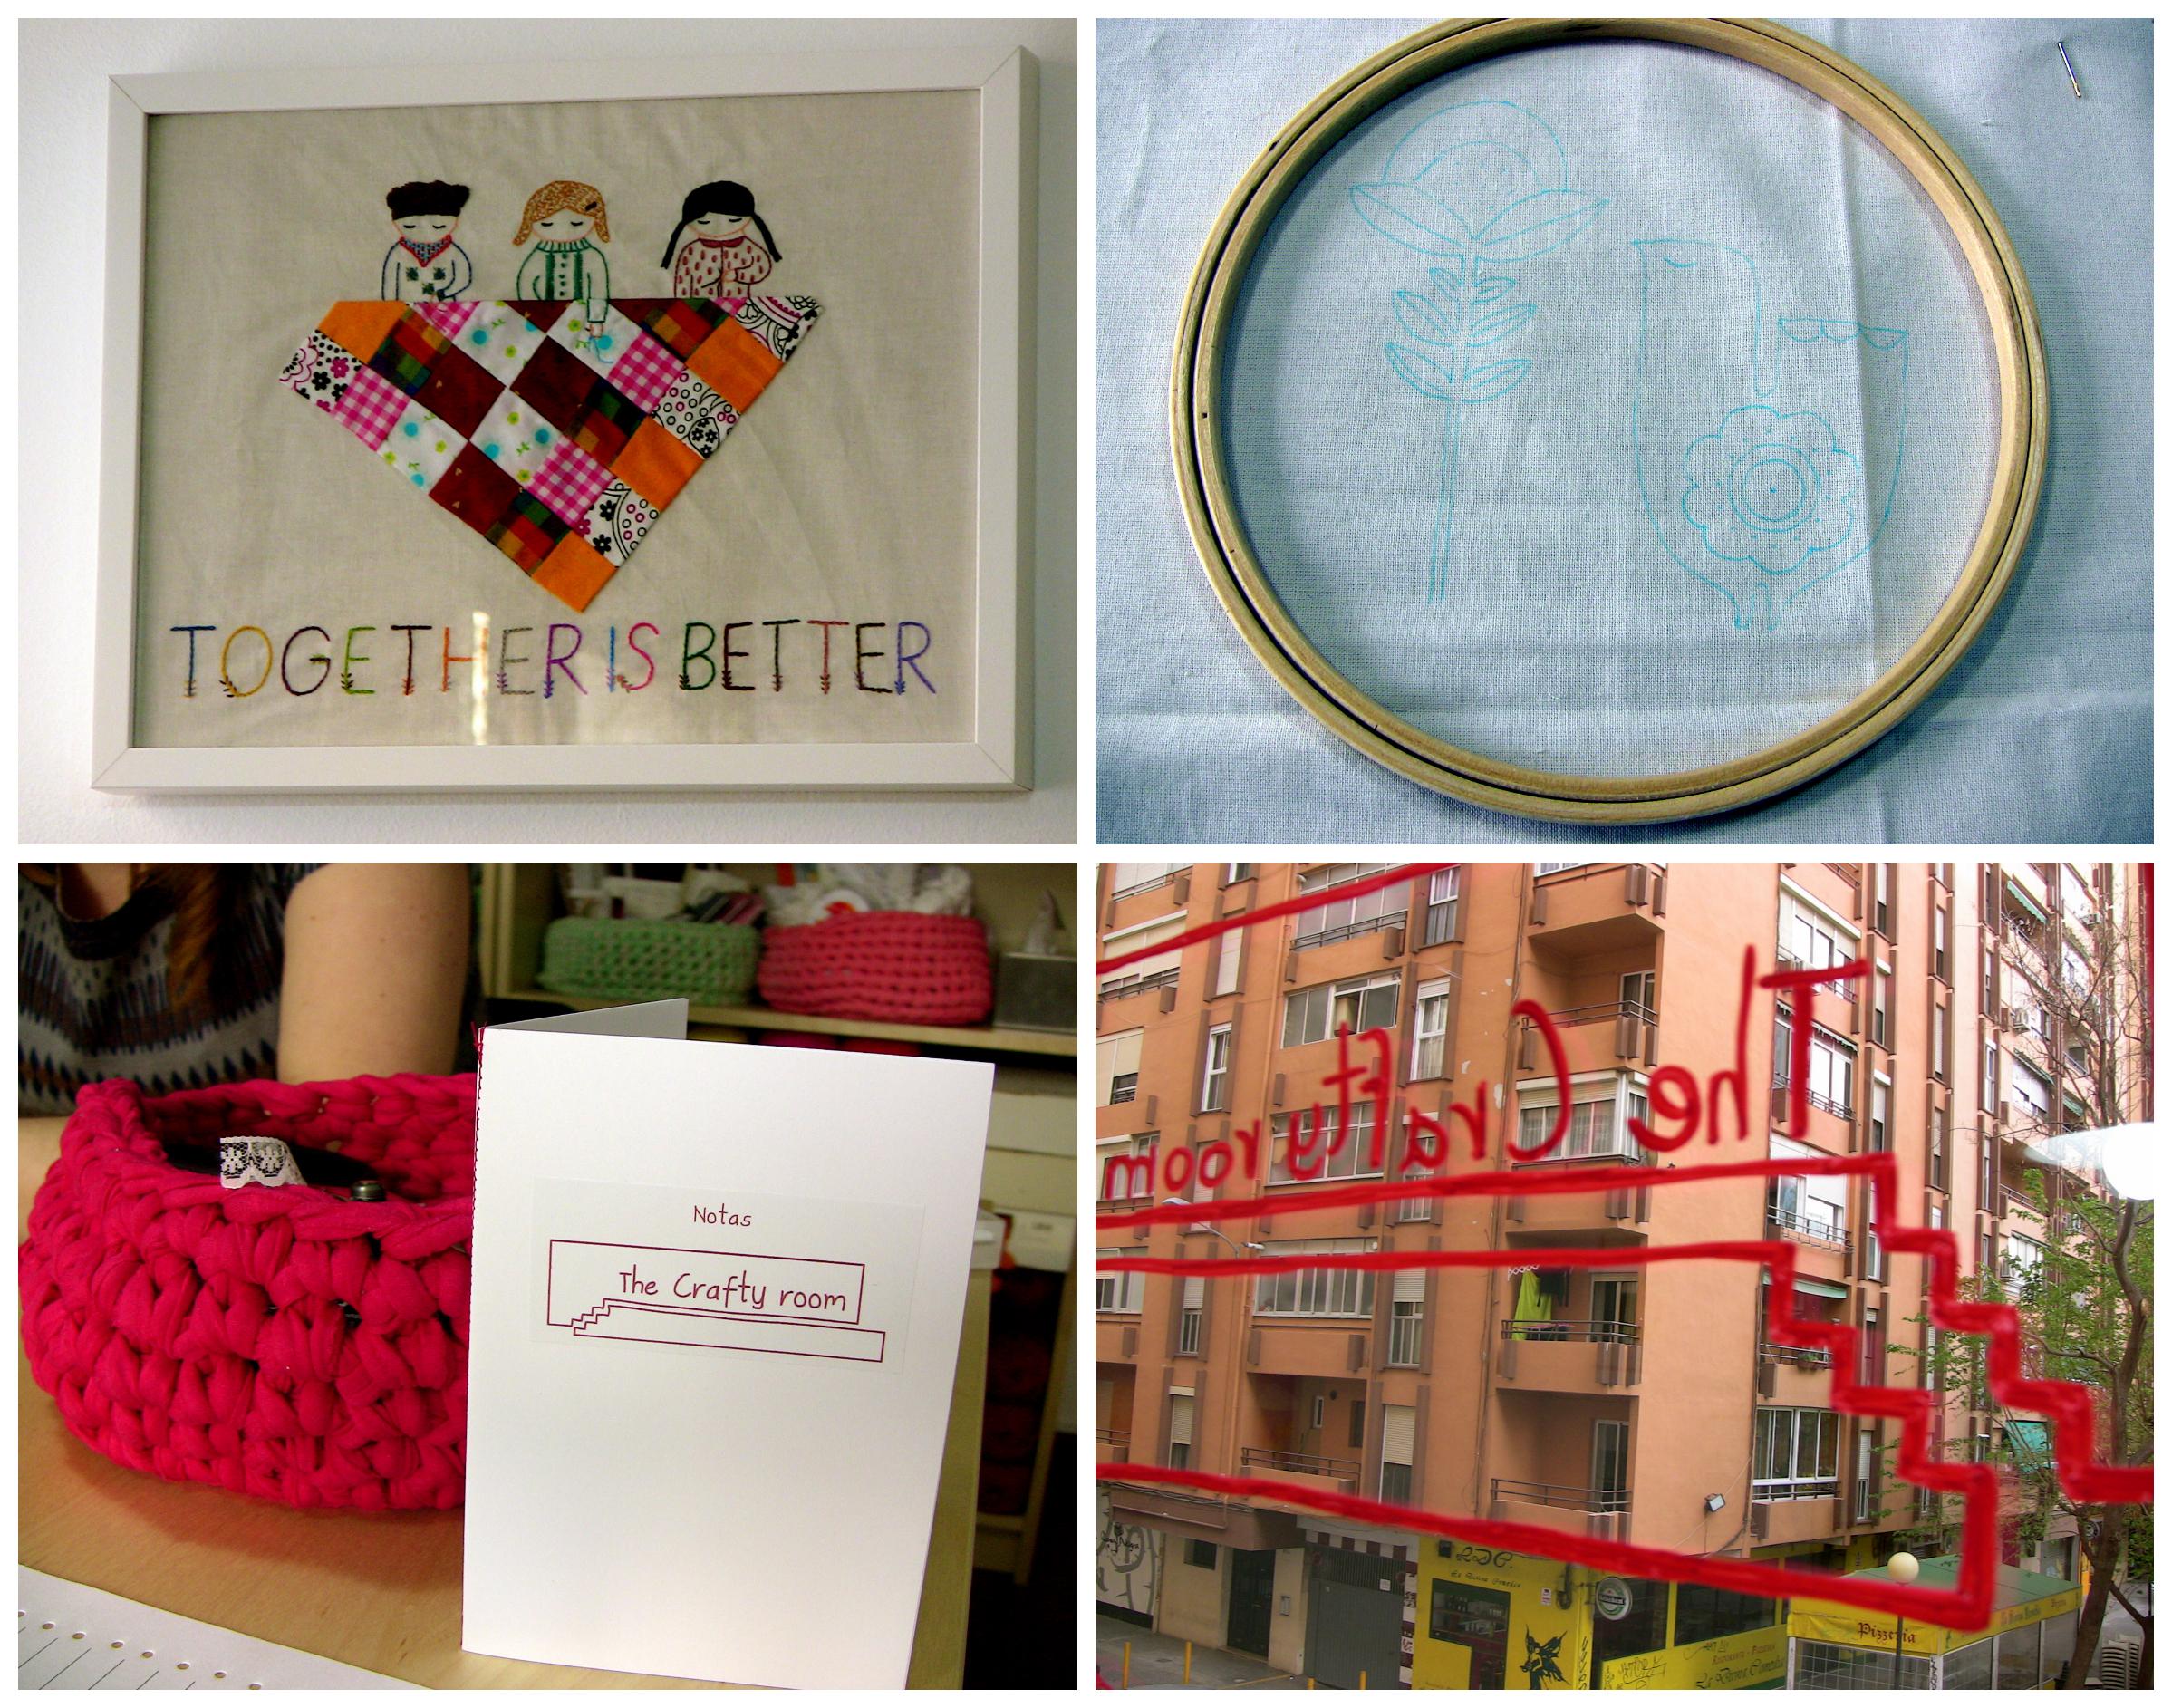 The+Crafty+Room+Valencia+Espacio+Actividades+Creativas